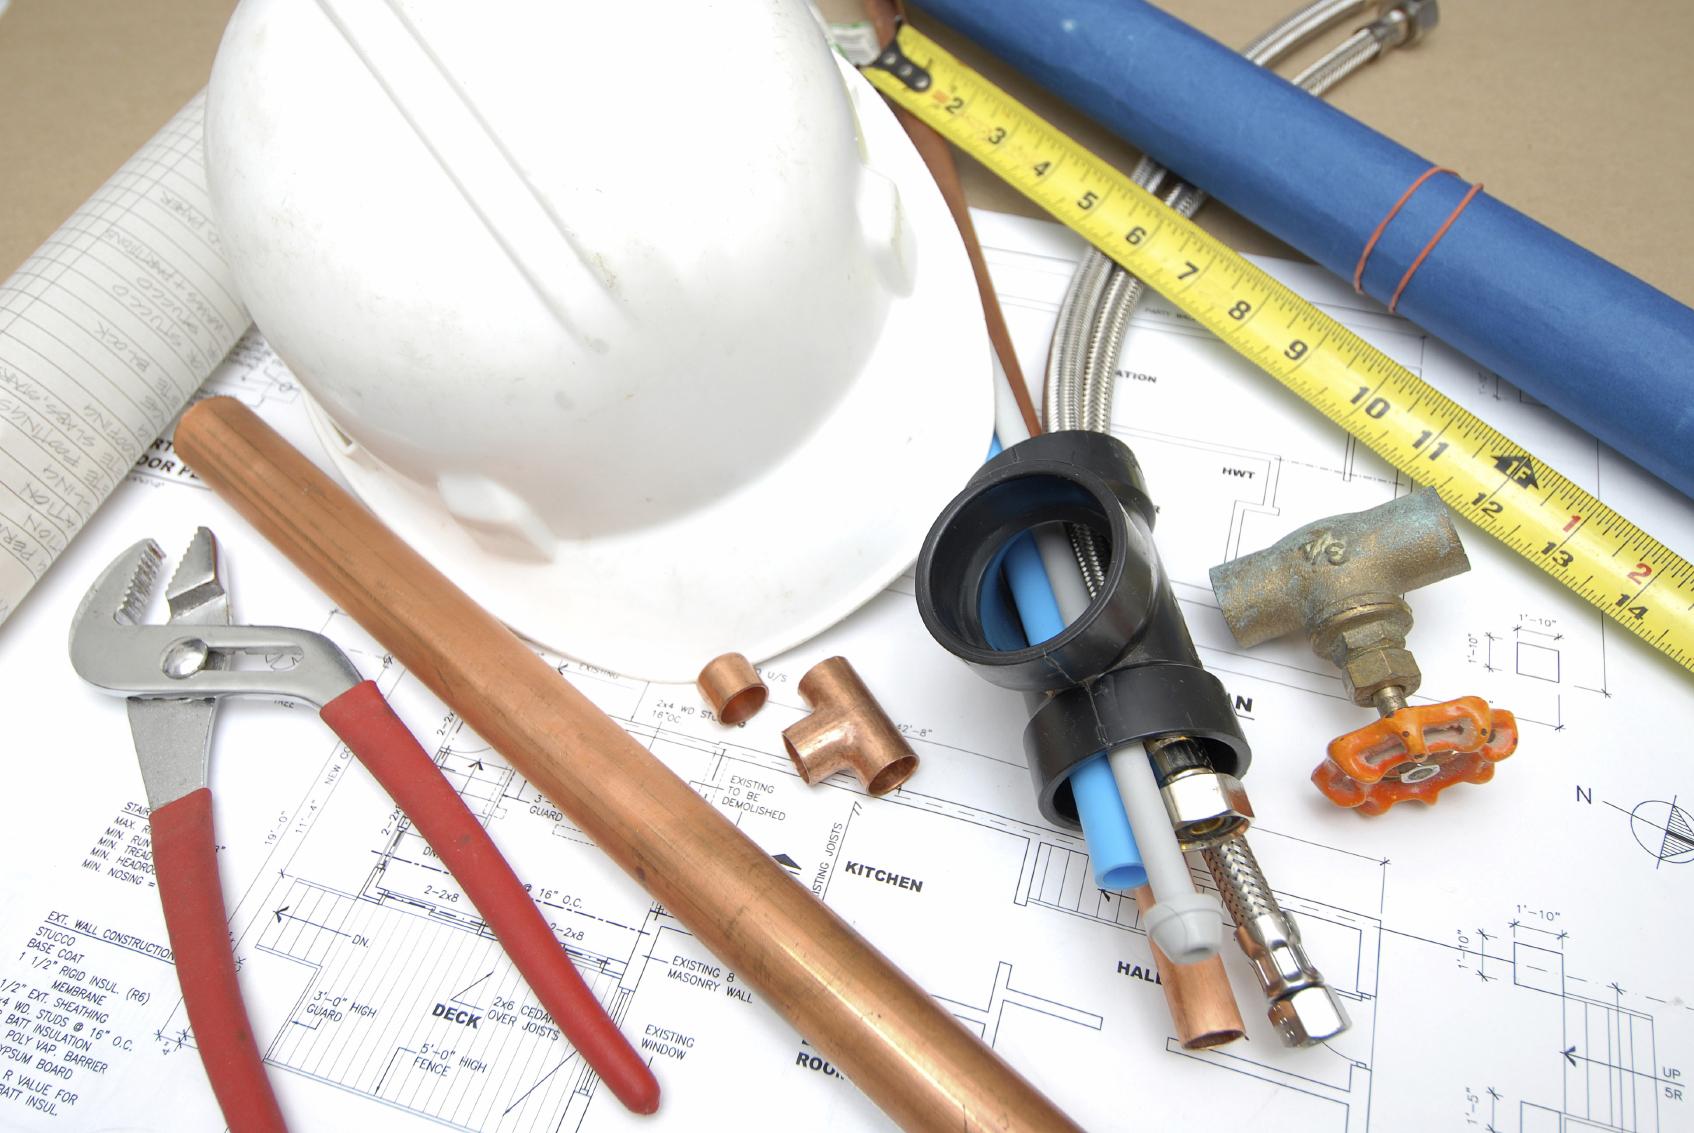 Artisans en rénovation ou dépannage, faites le bon choix  !